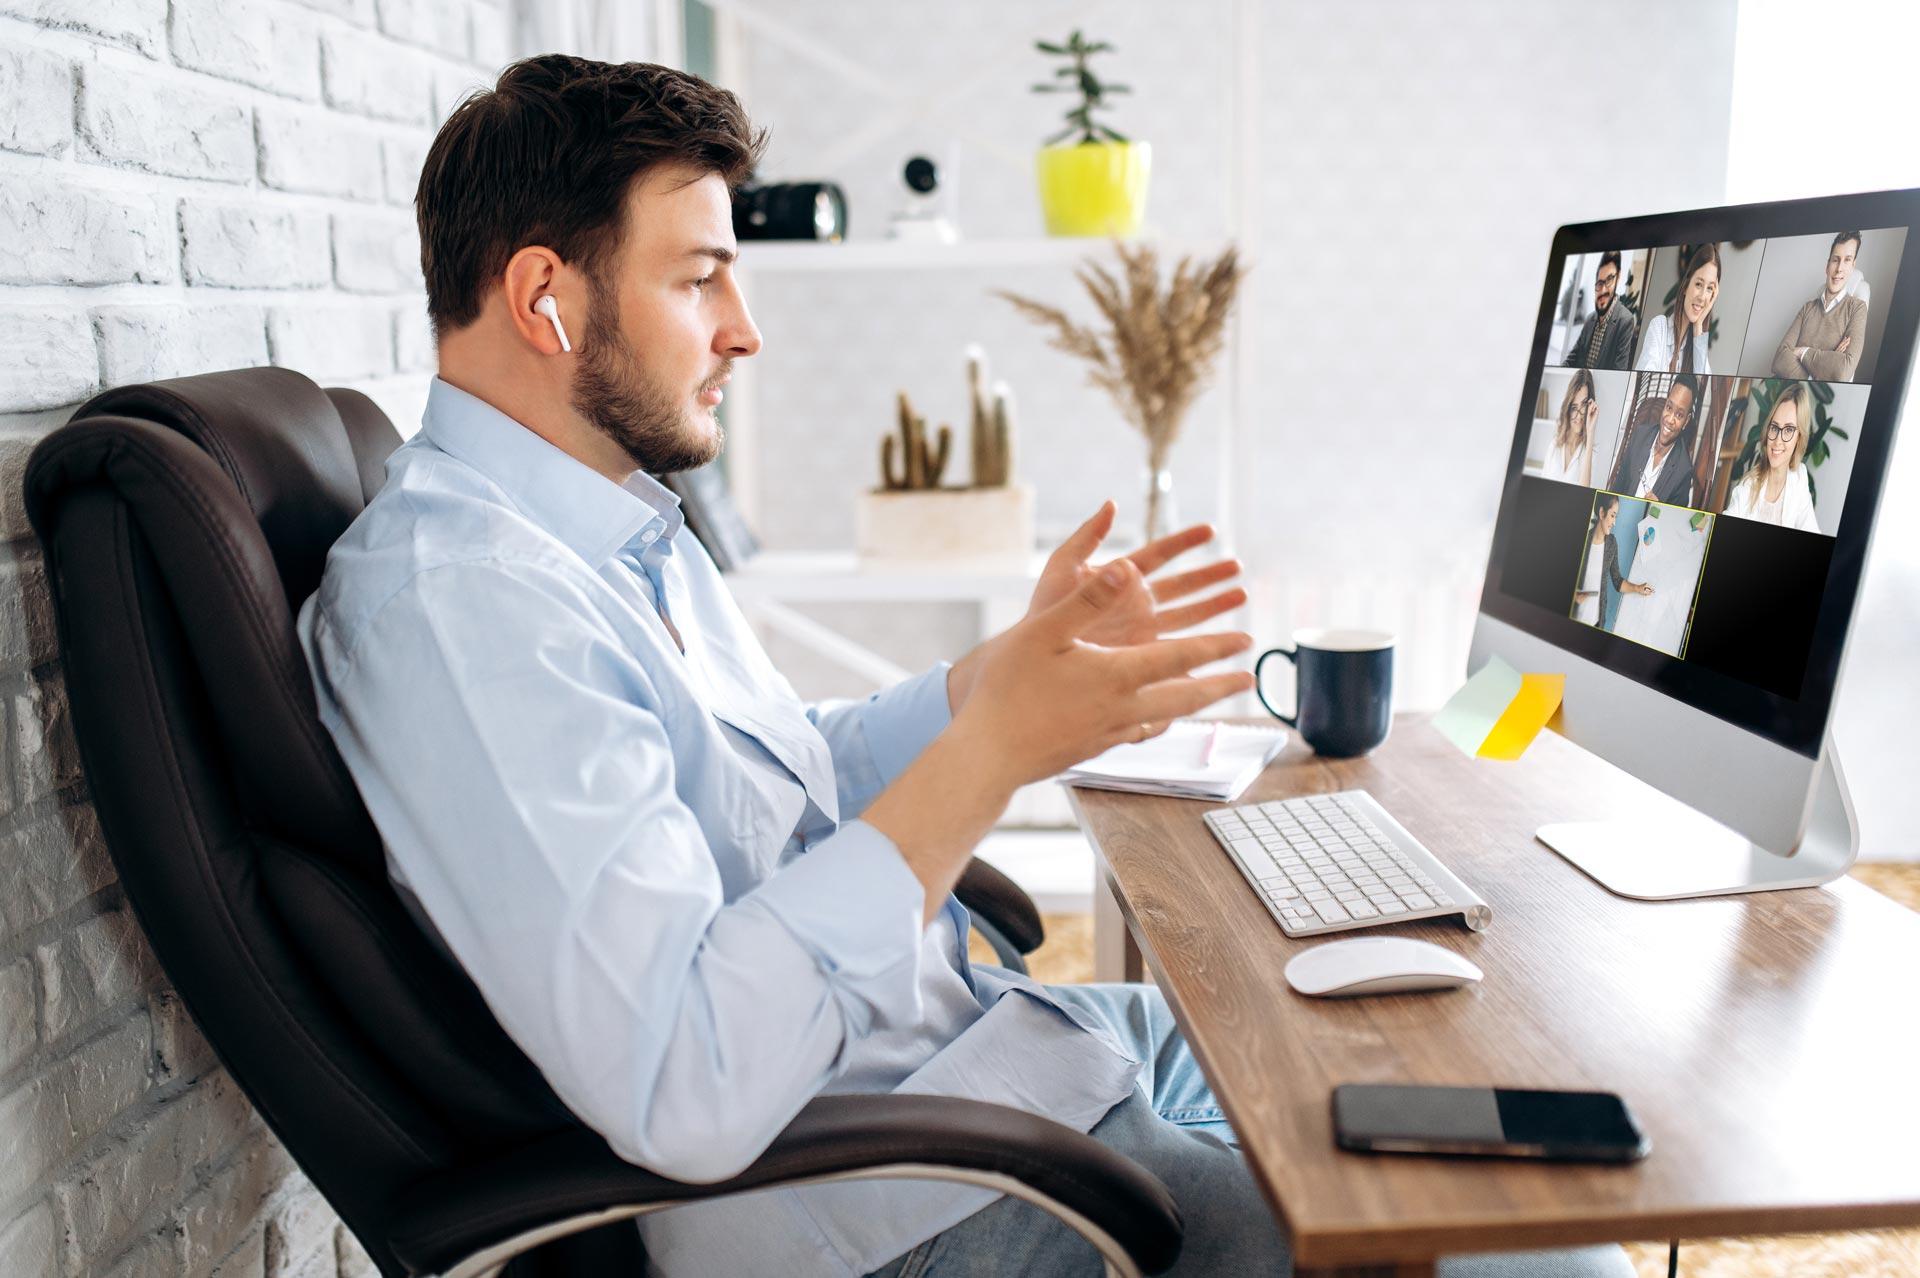 Onlinemeeting auf iMac mit Chatcloud